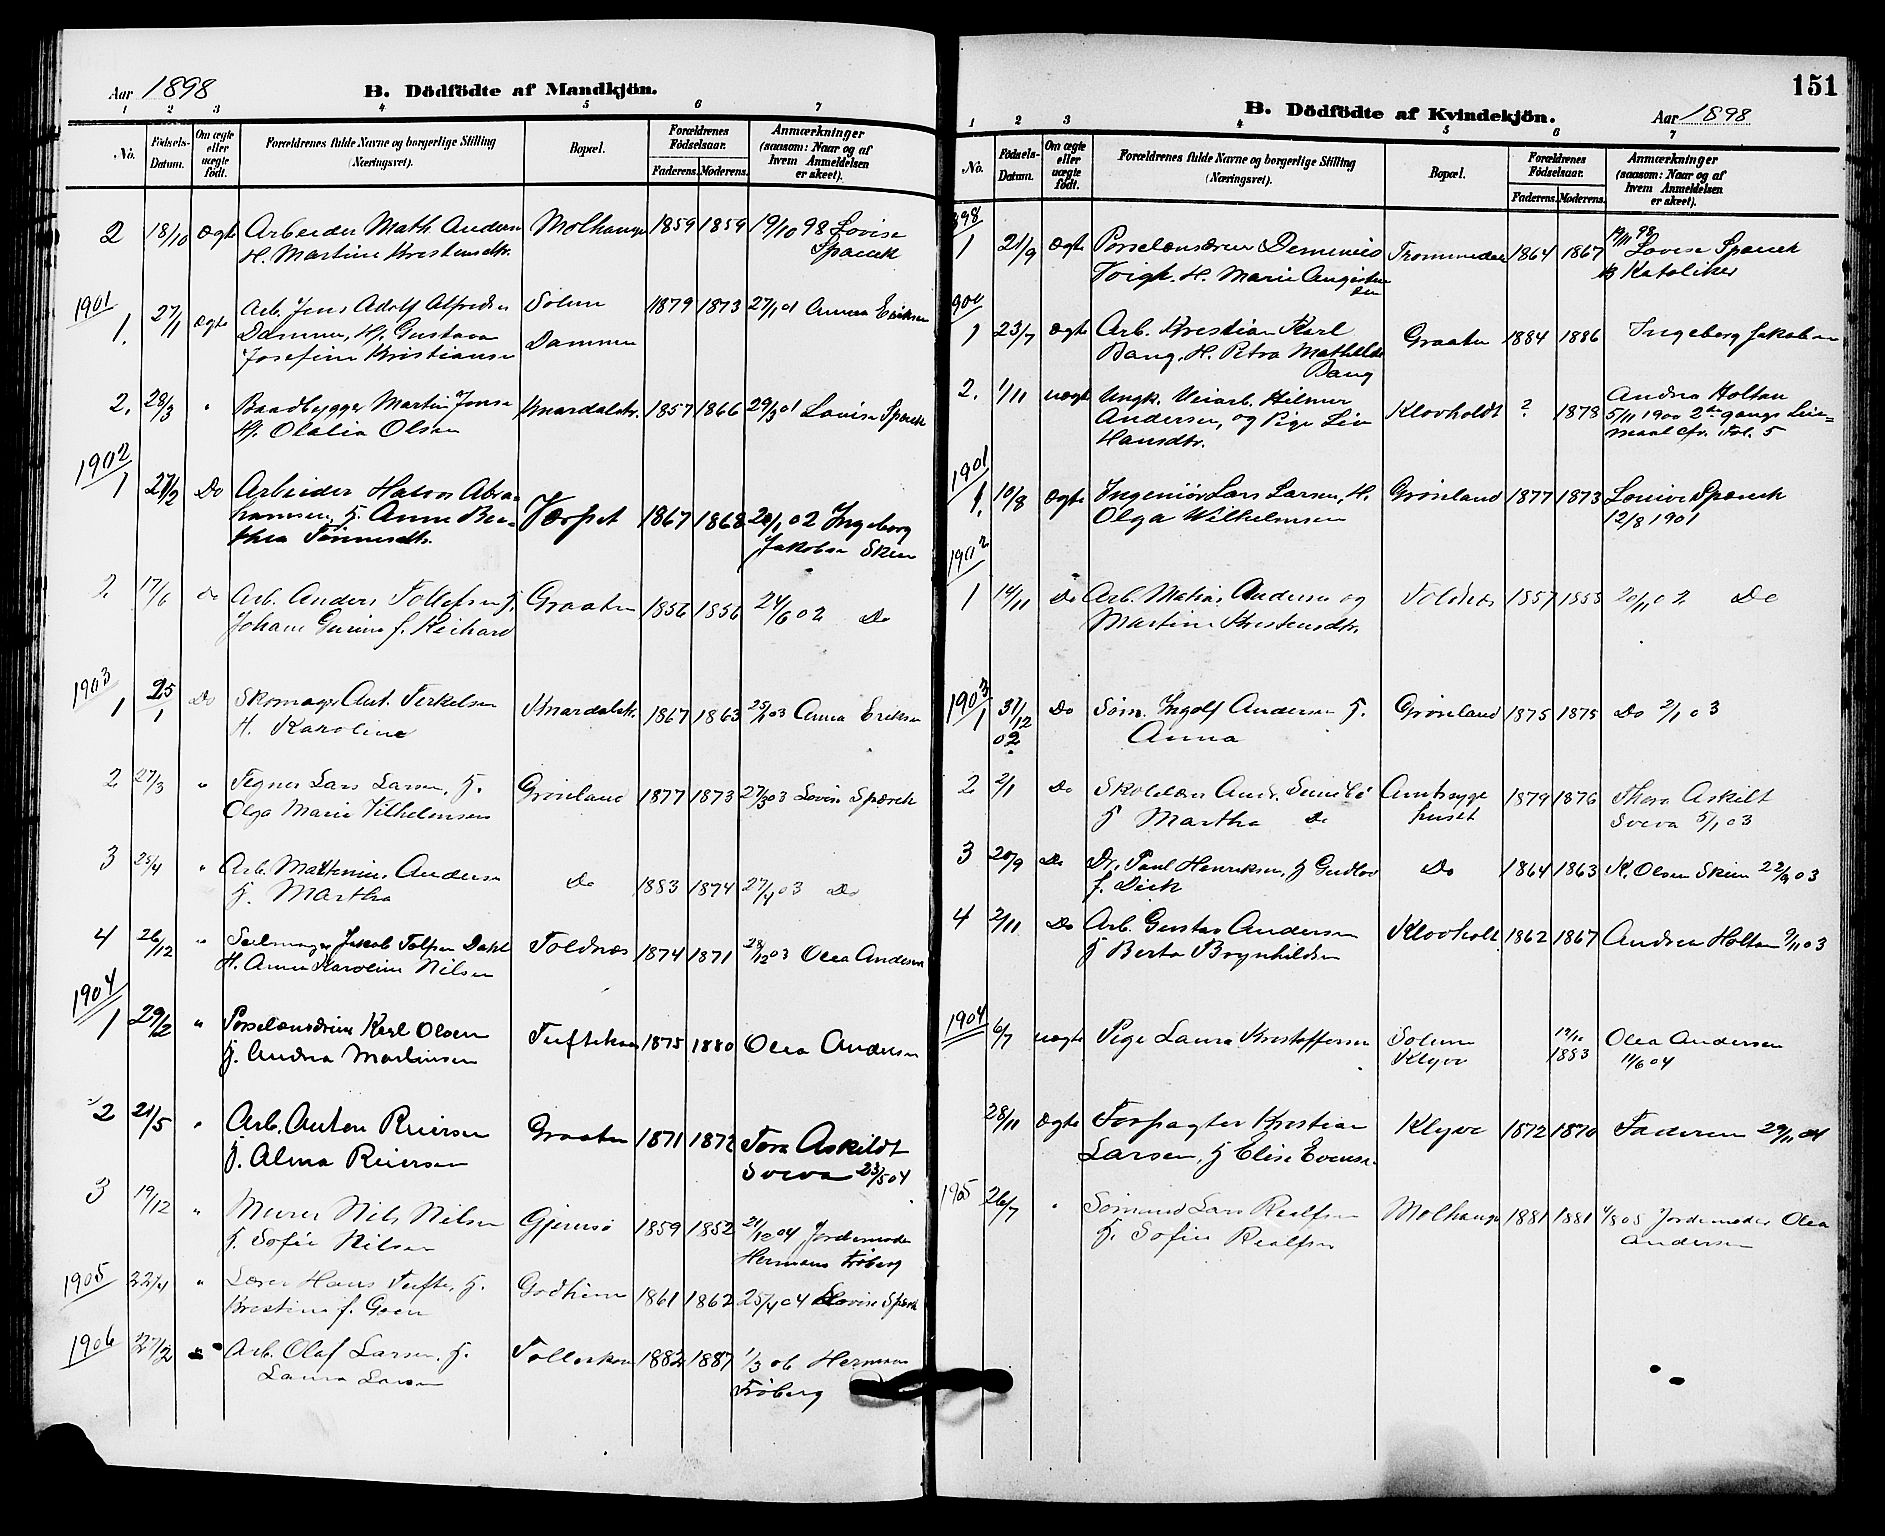 SAKO, Solum kirkebøker, G/Ga/L0008: Klokkerbok nr. I 8, 1898-1909, s. 151